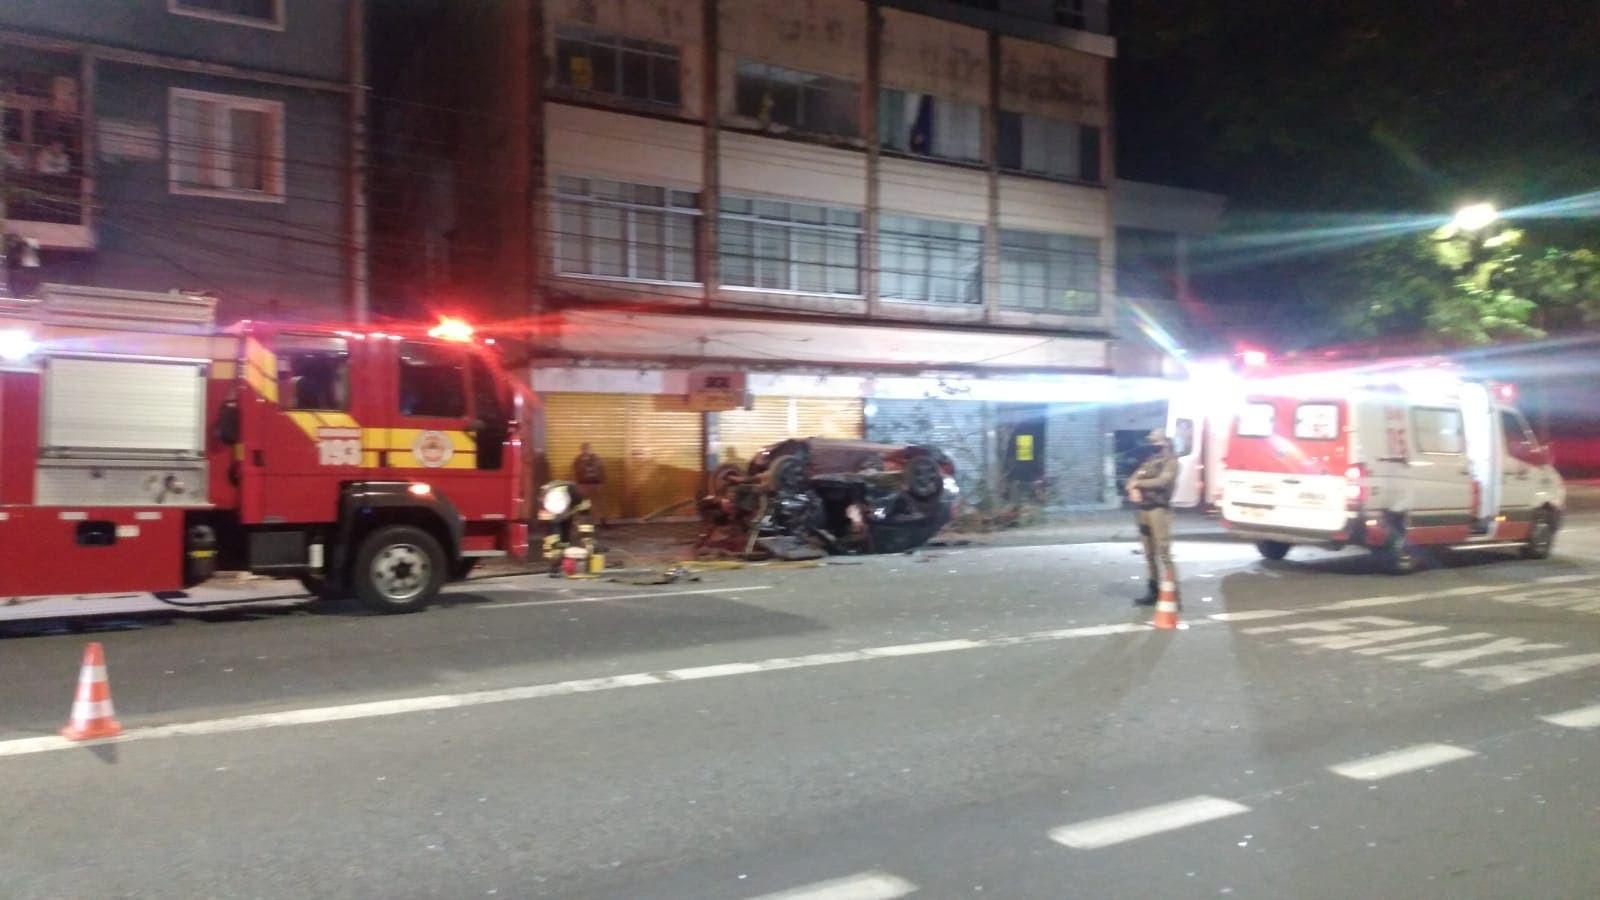 Motor se desprende de carro em acidente que deixou homem morto em Blumenau